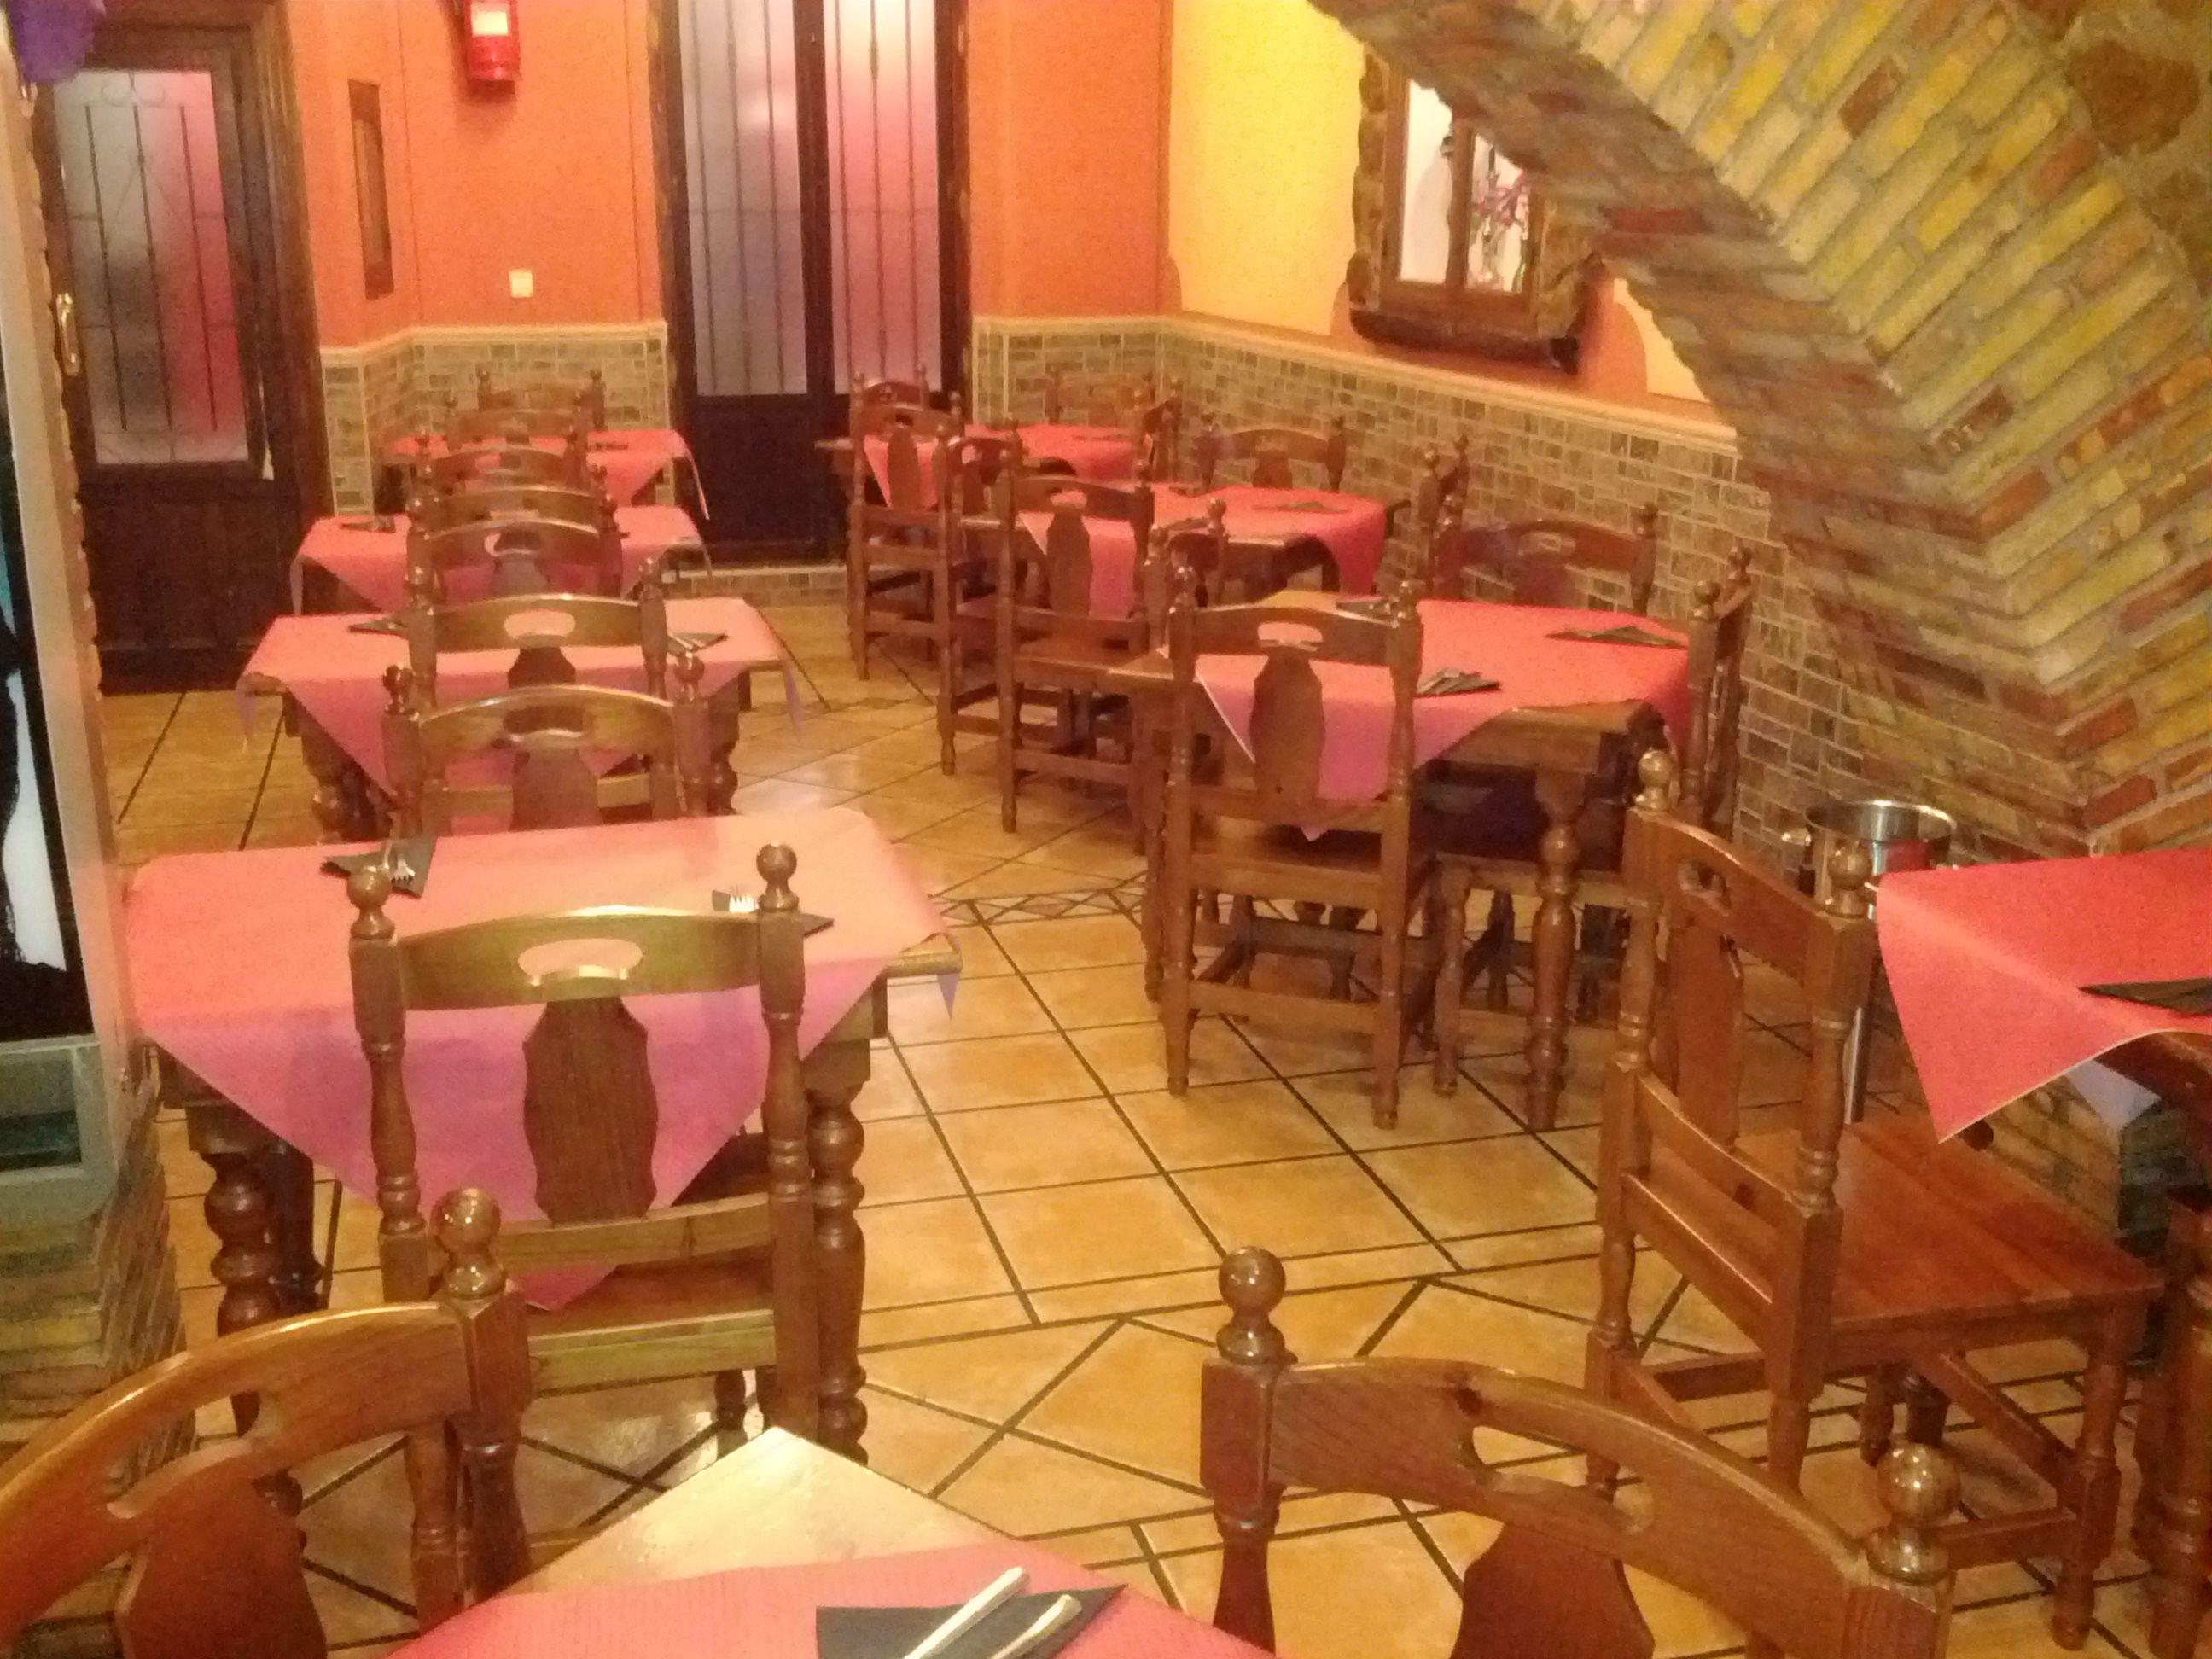 Excelente cocina turca en Novelda, Alicante